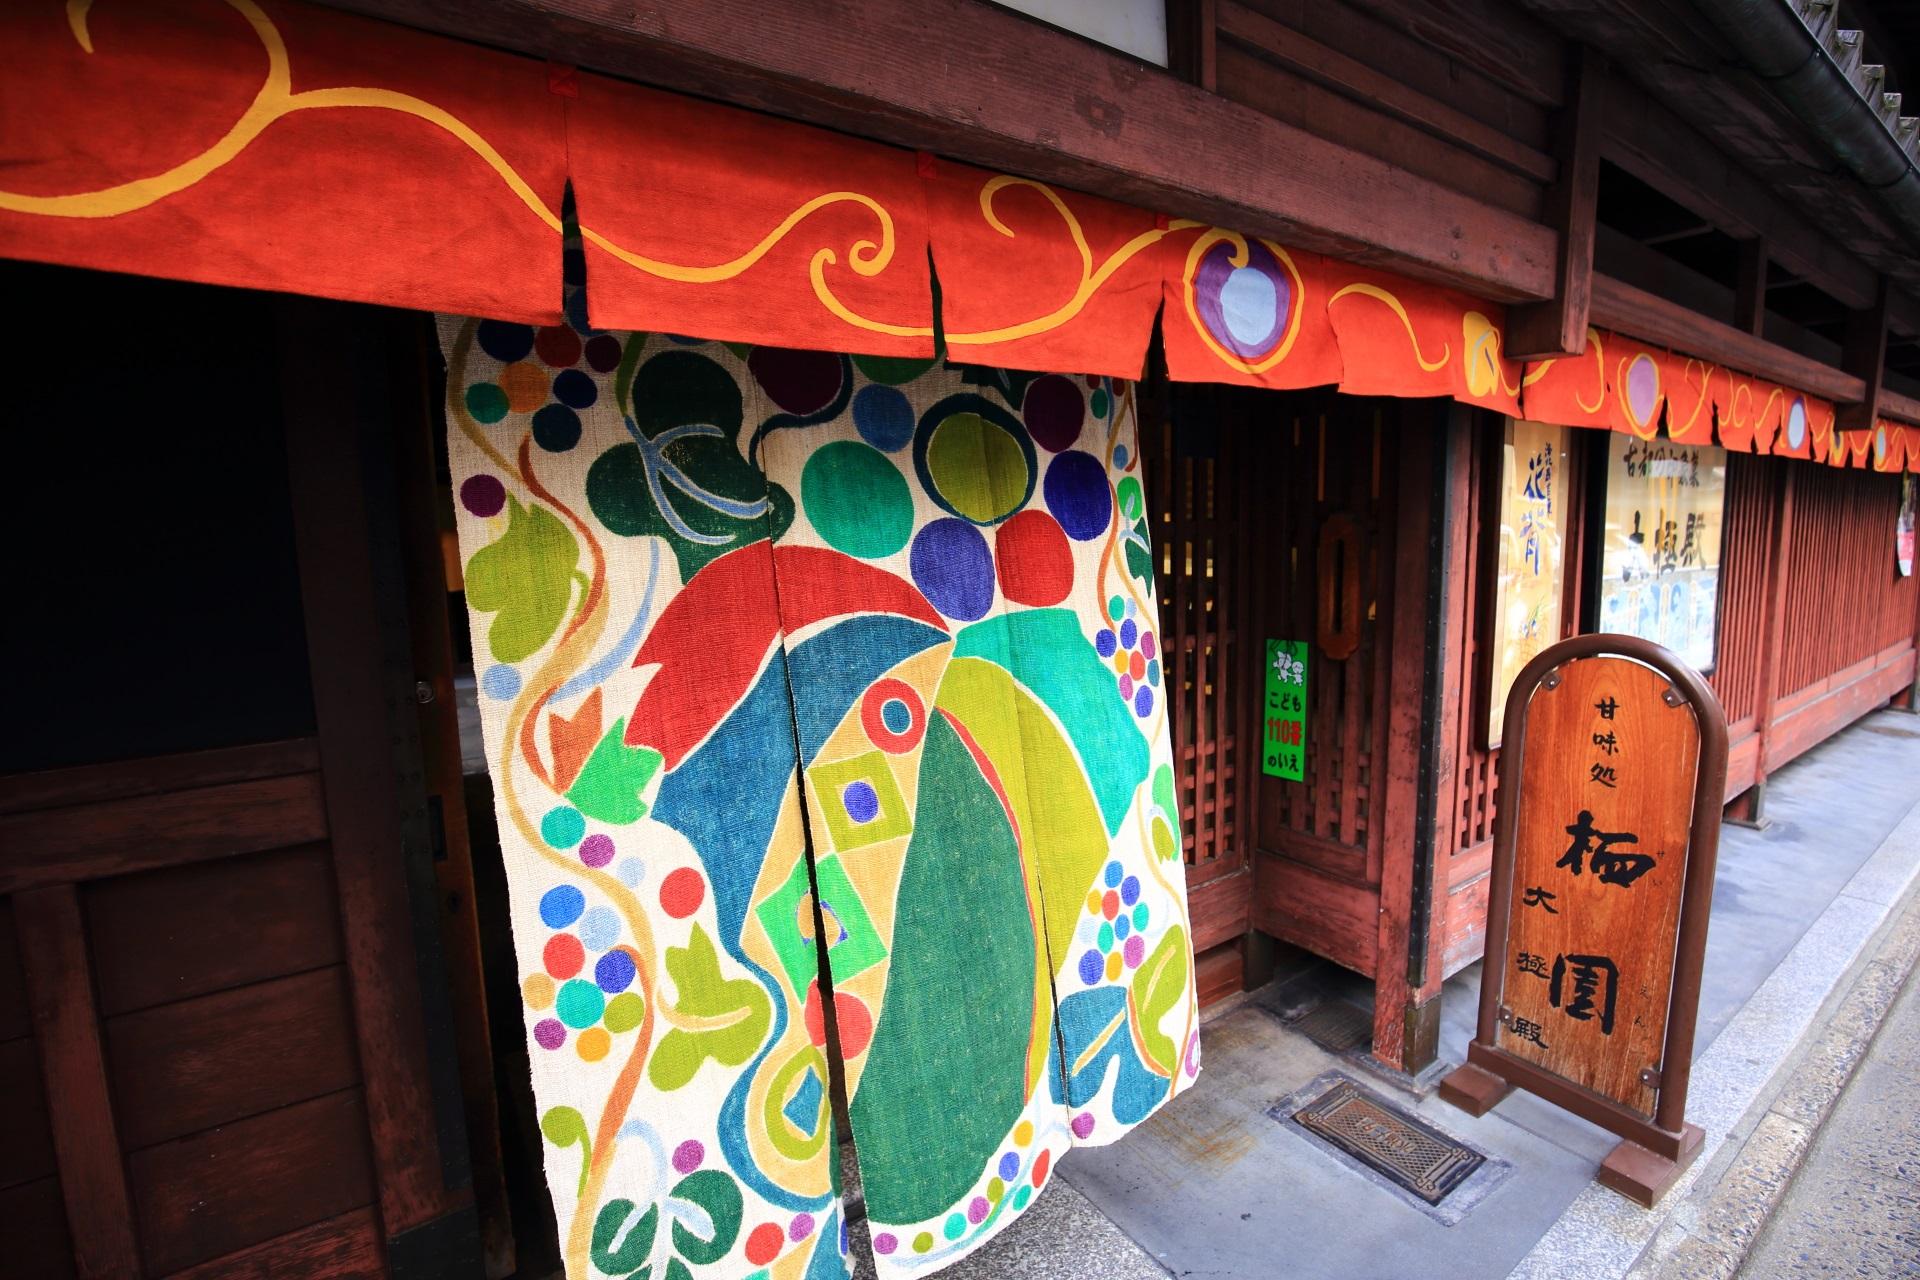 賑やかな雰囲気の暖簾がかかった素晴らしい京町家の店構えの栖園